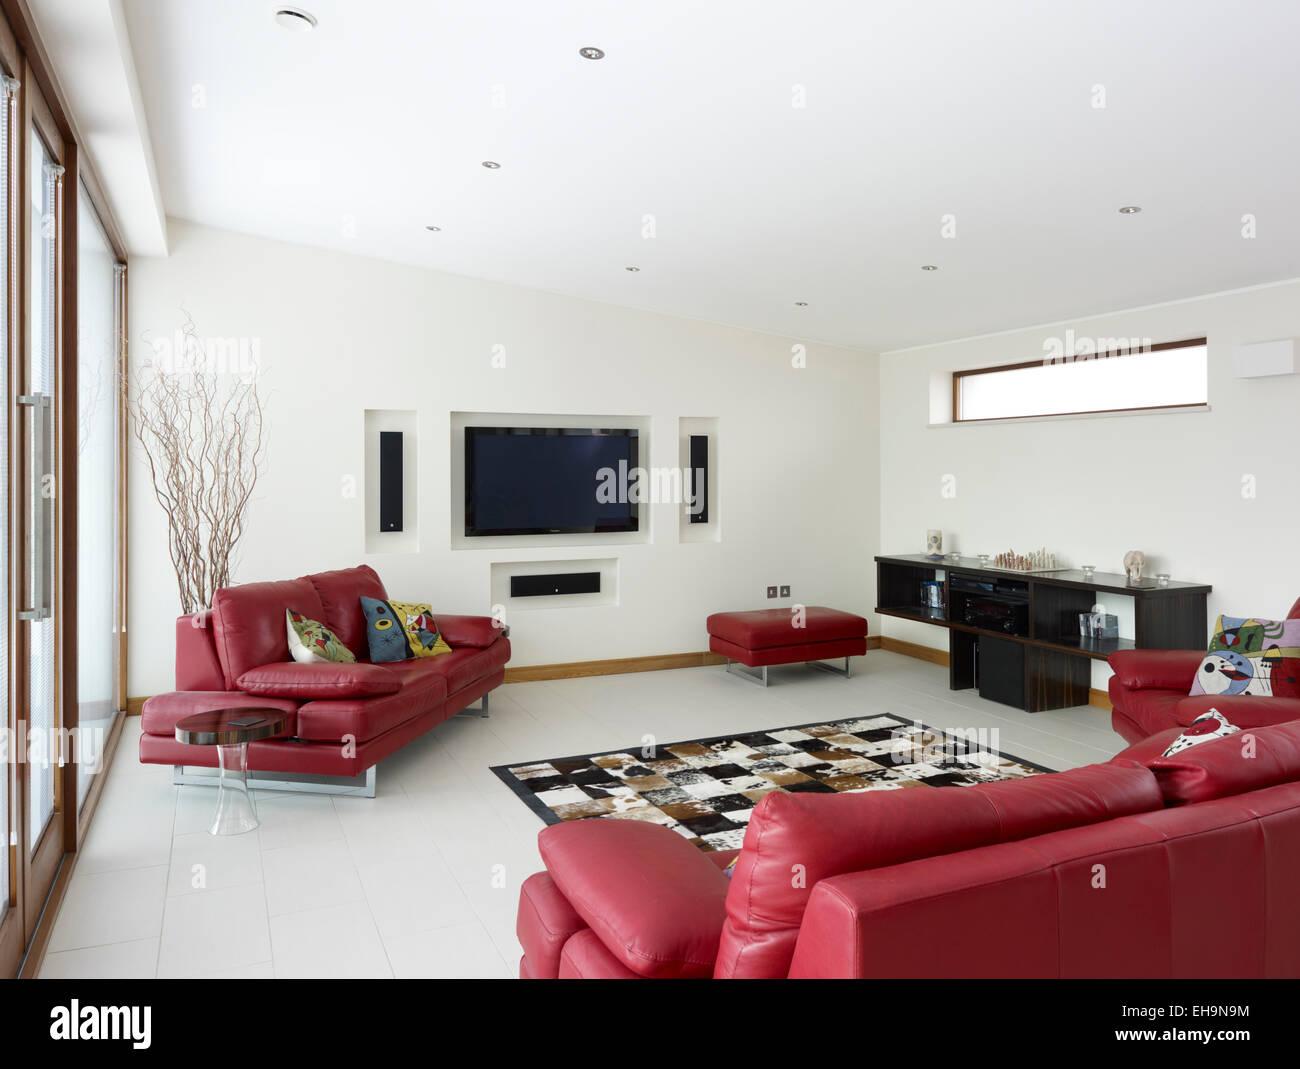 ledersofa schwarz kissen. Black Bedroom Furniture Sets. Home Design Ideas